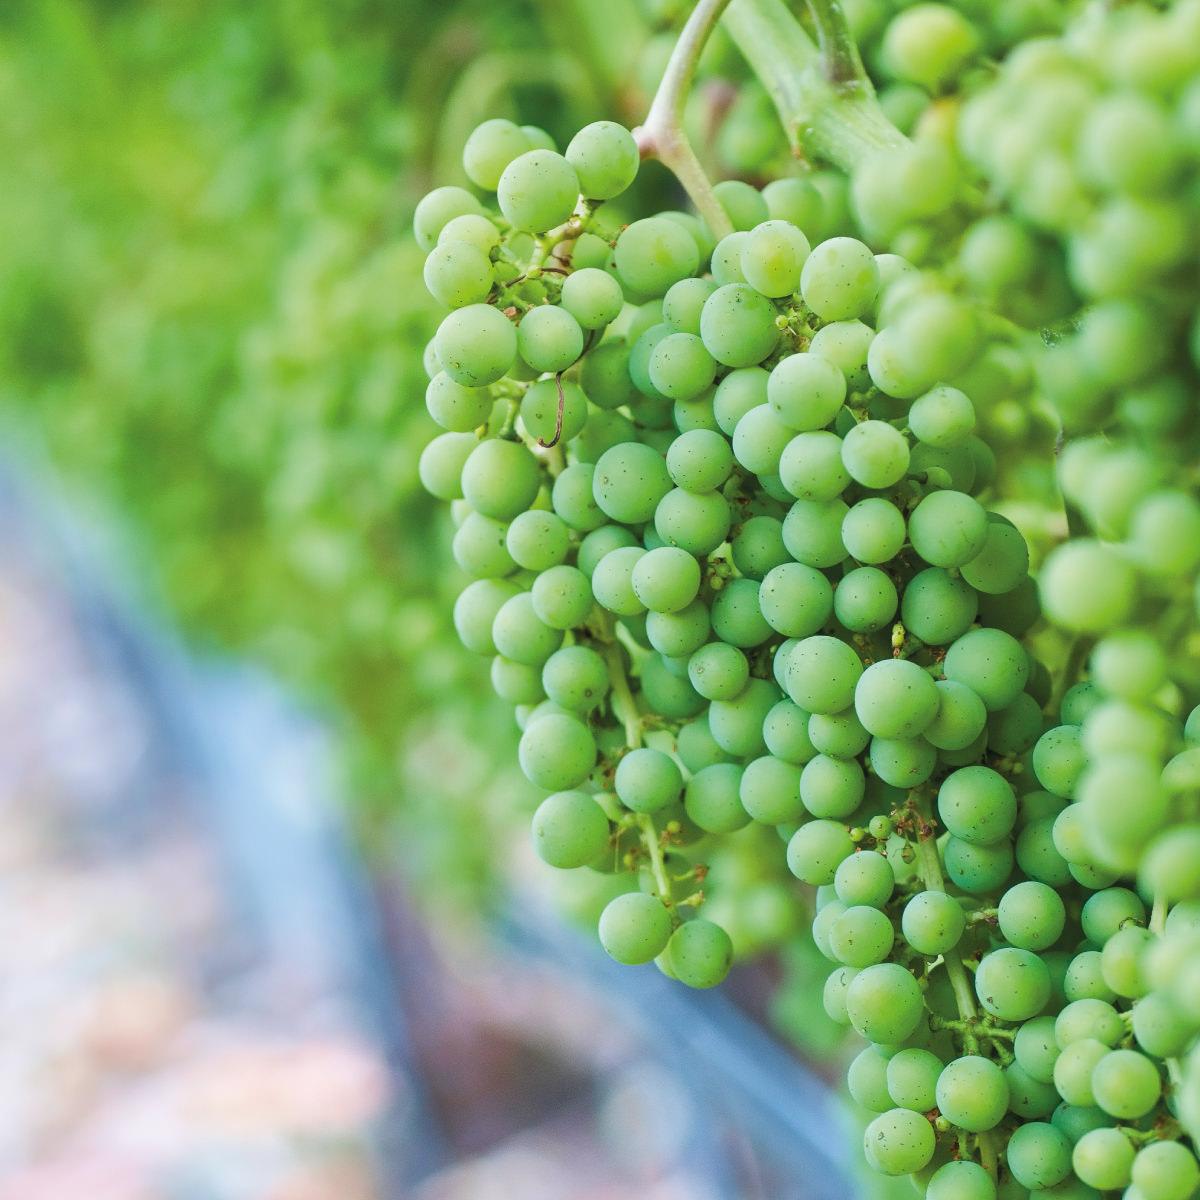 Zarpellon agricoltura-riduzione-fitofarmaci